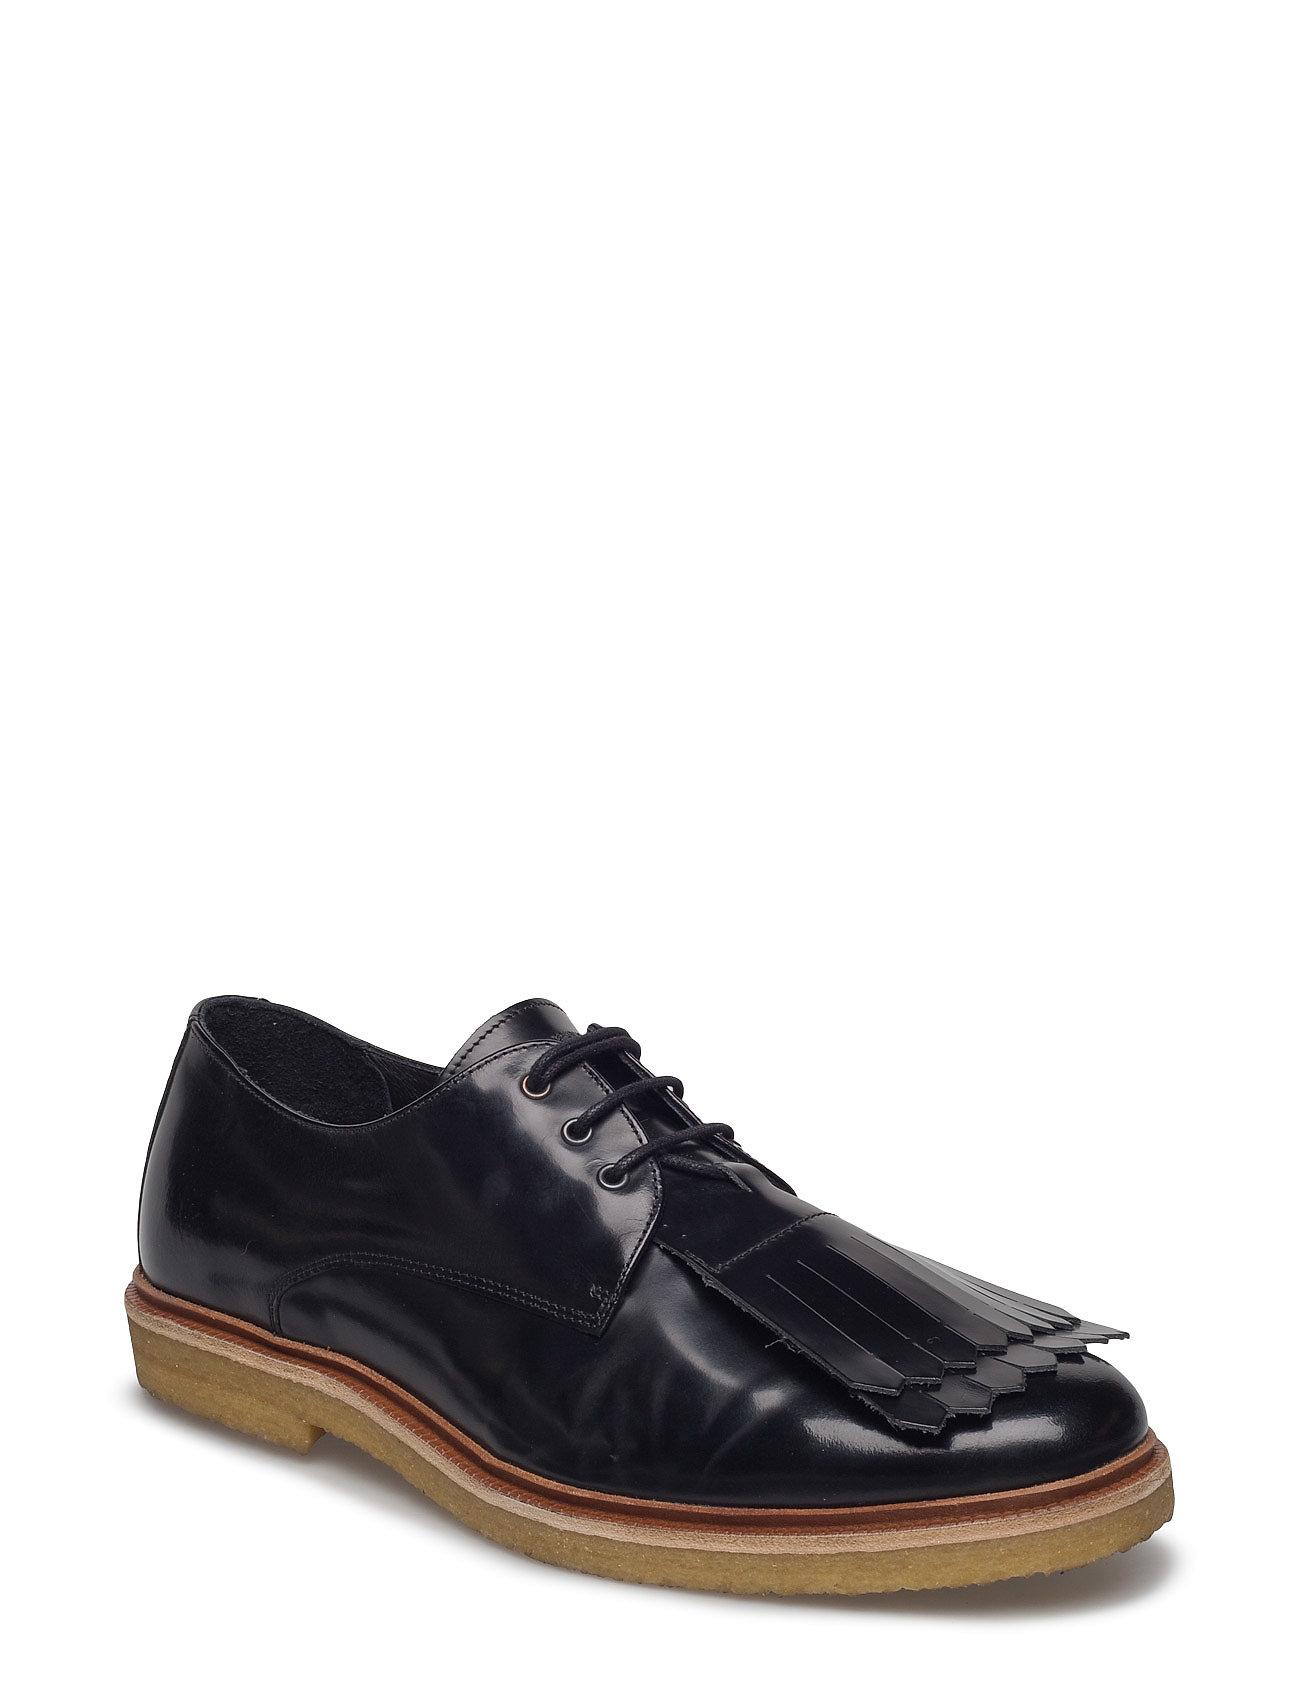 Cast Creep Derby Shoe W/Detachable Fringe Royal RepubliQ Business til Herrer i Sort